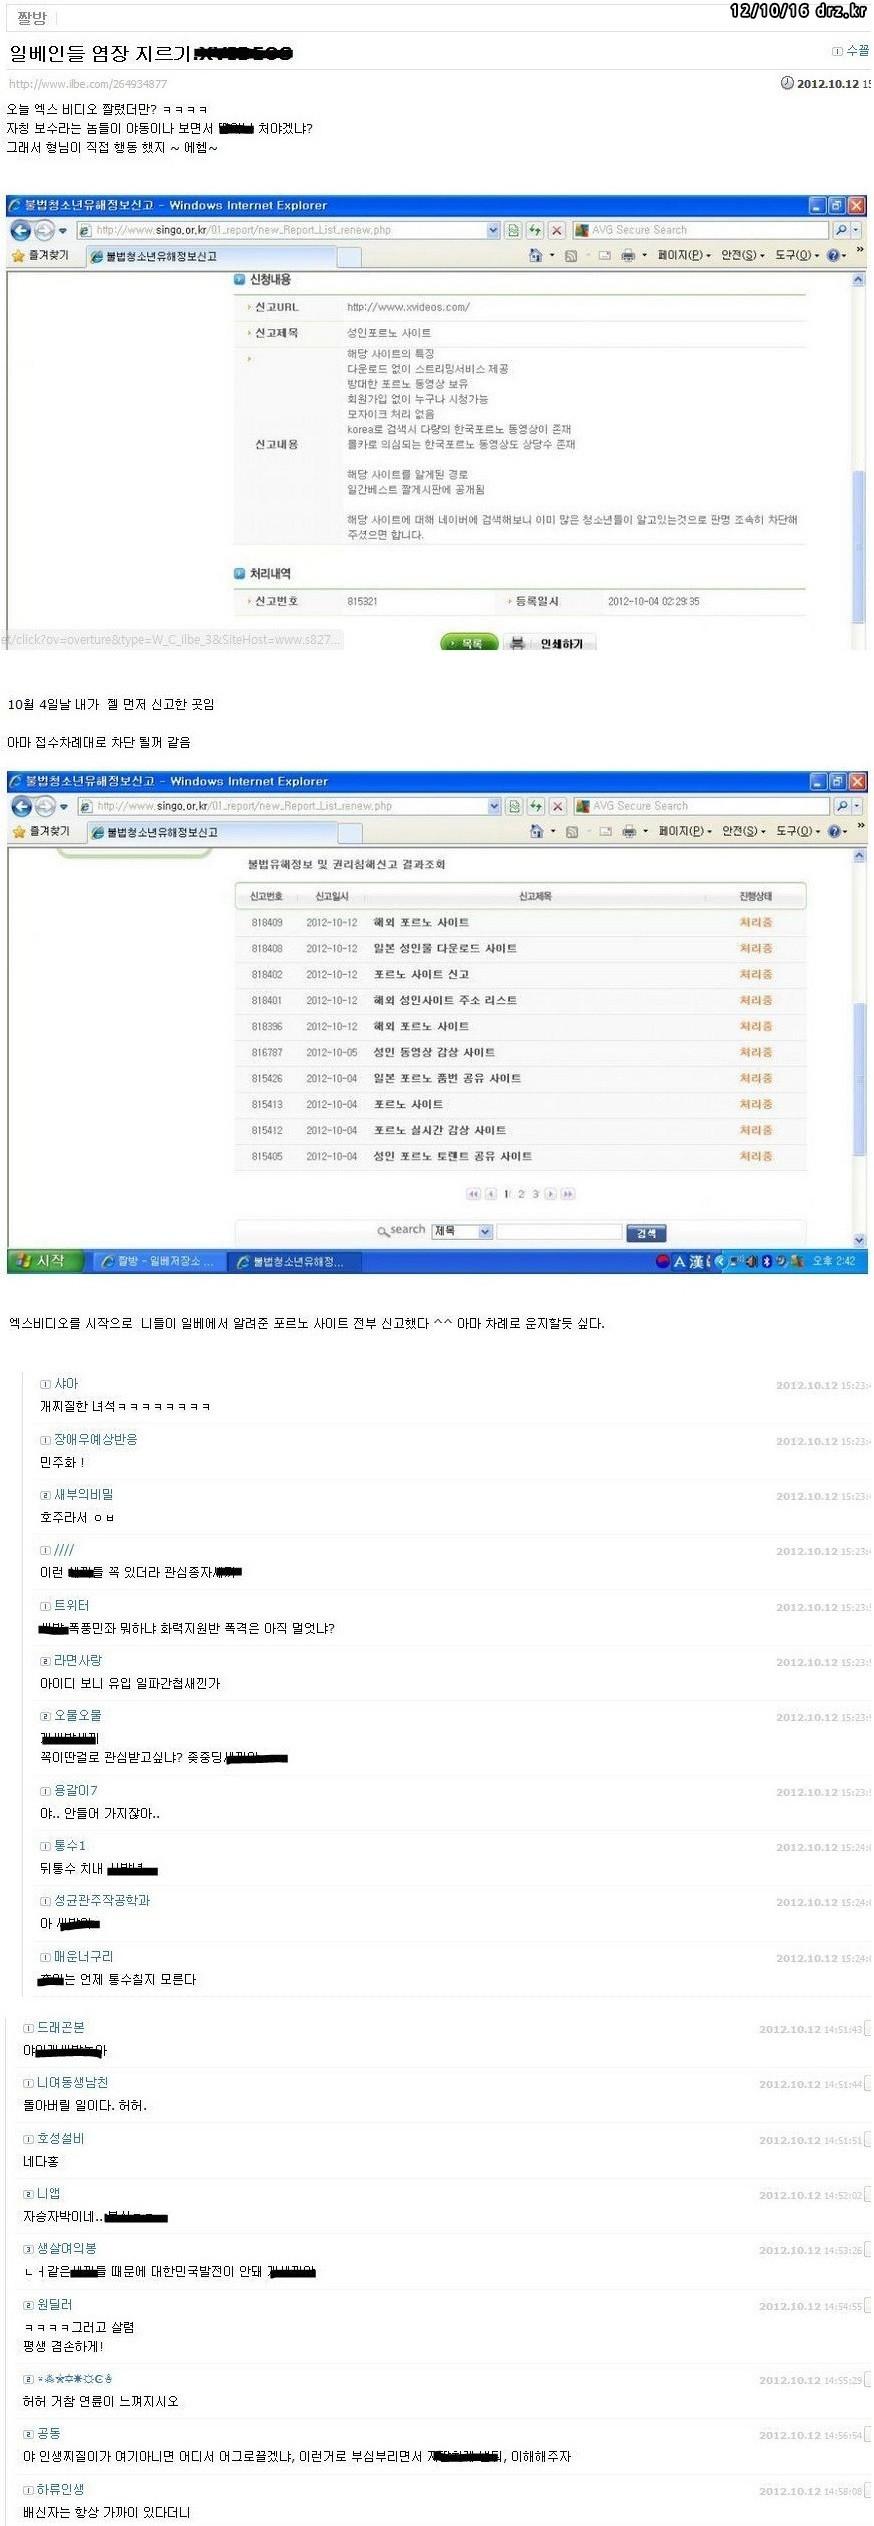 외국 야동 사이트들이 차단되는 이유 by 드립존